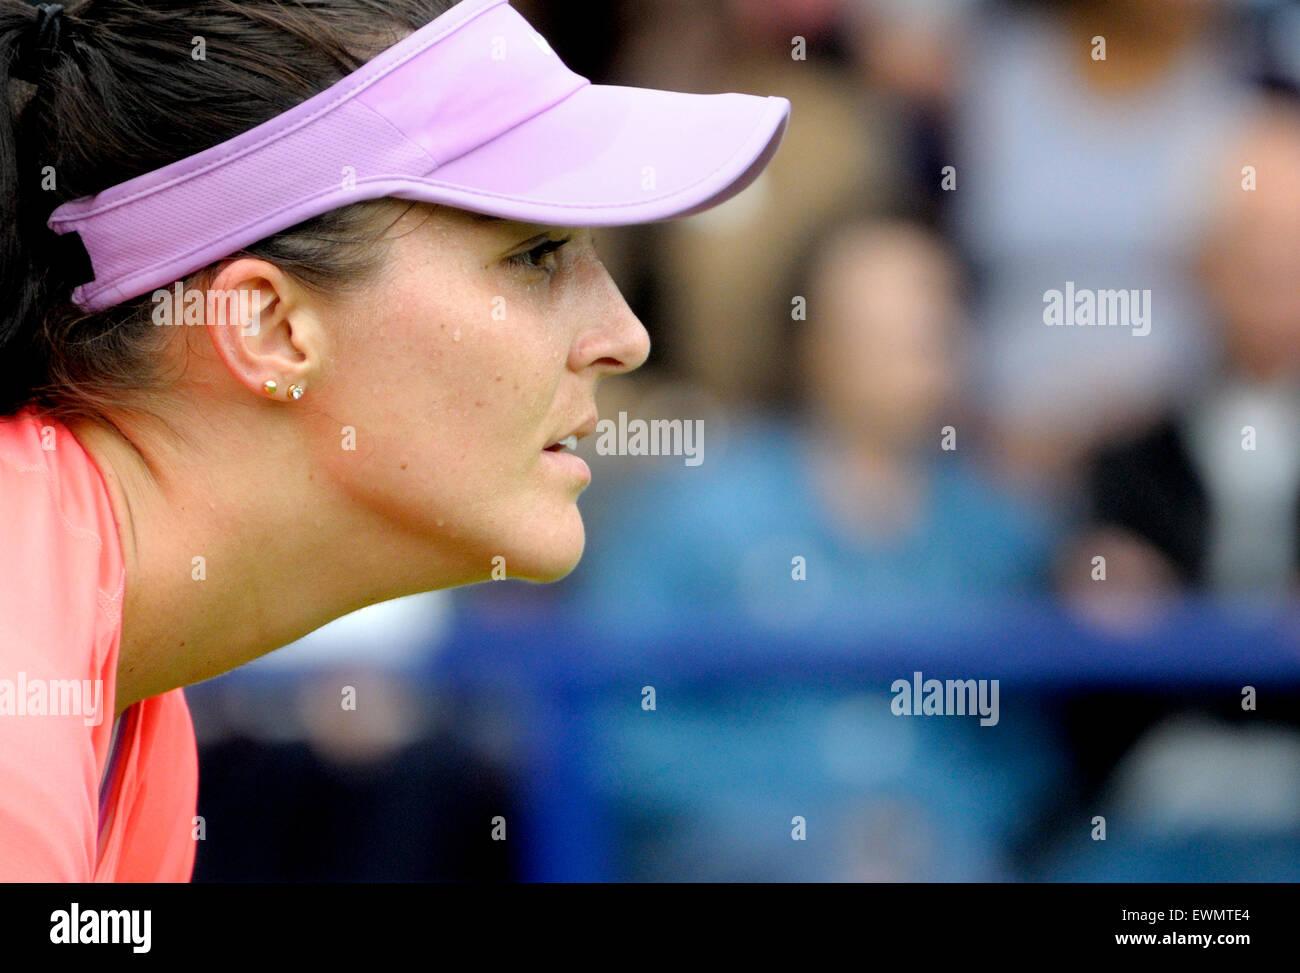 Laura Robson (Gran Bretaña) jugando en el Aegon International ronda clasificatoria, Eastbourne 20 de junio Imagen De Stock